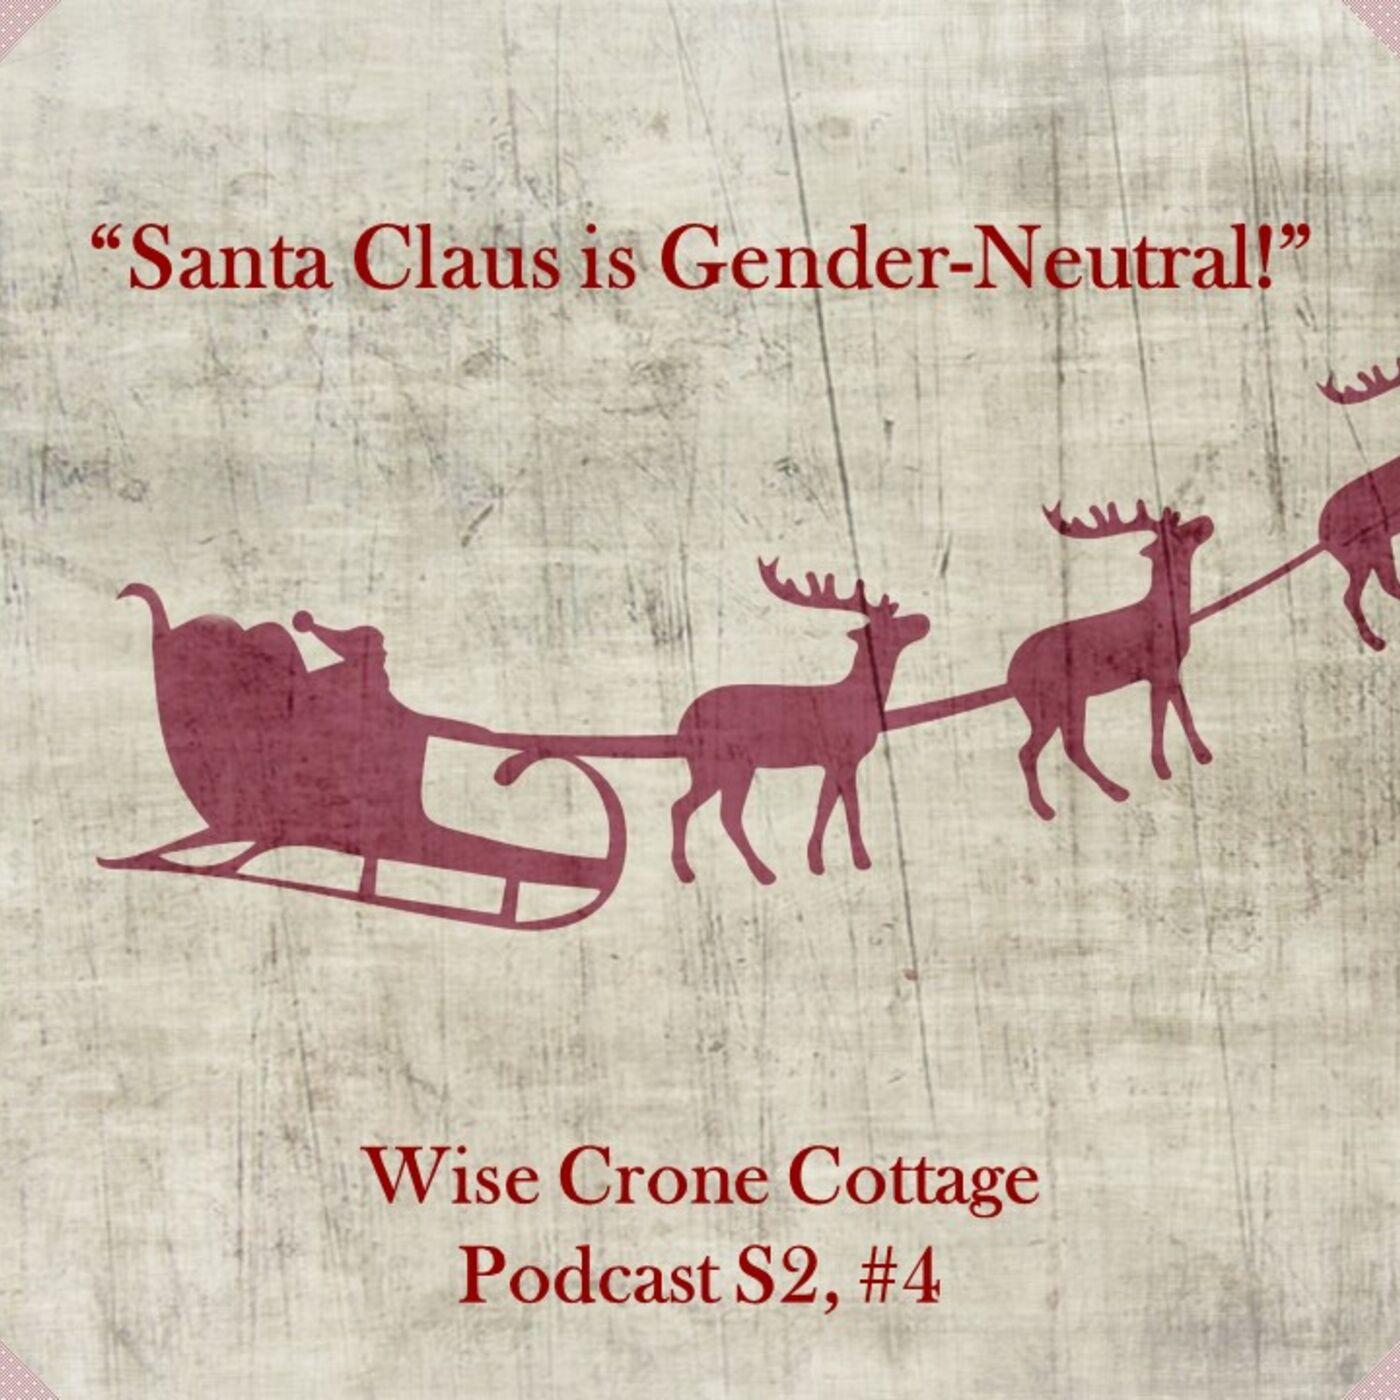 Santa is Gender-Neutral (S2, #4)